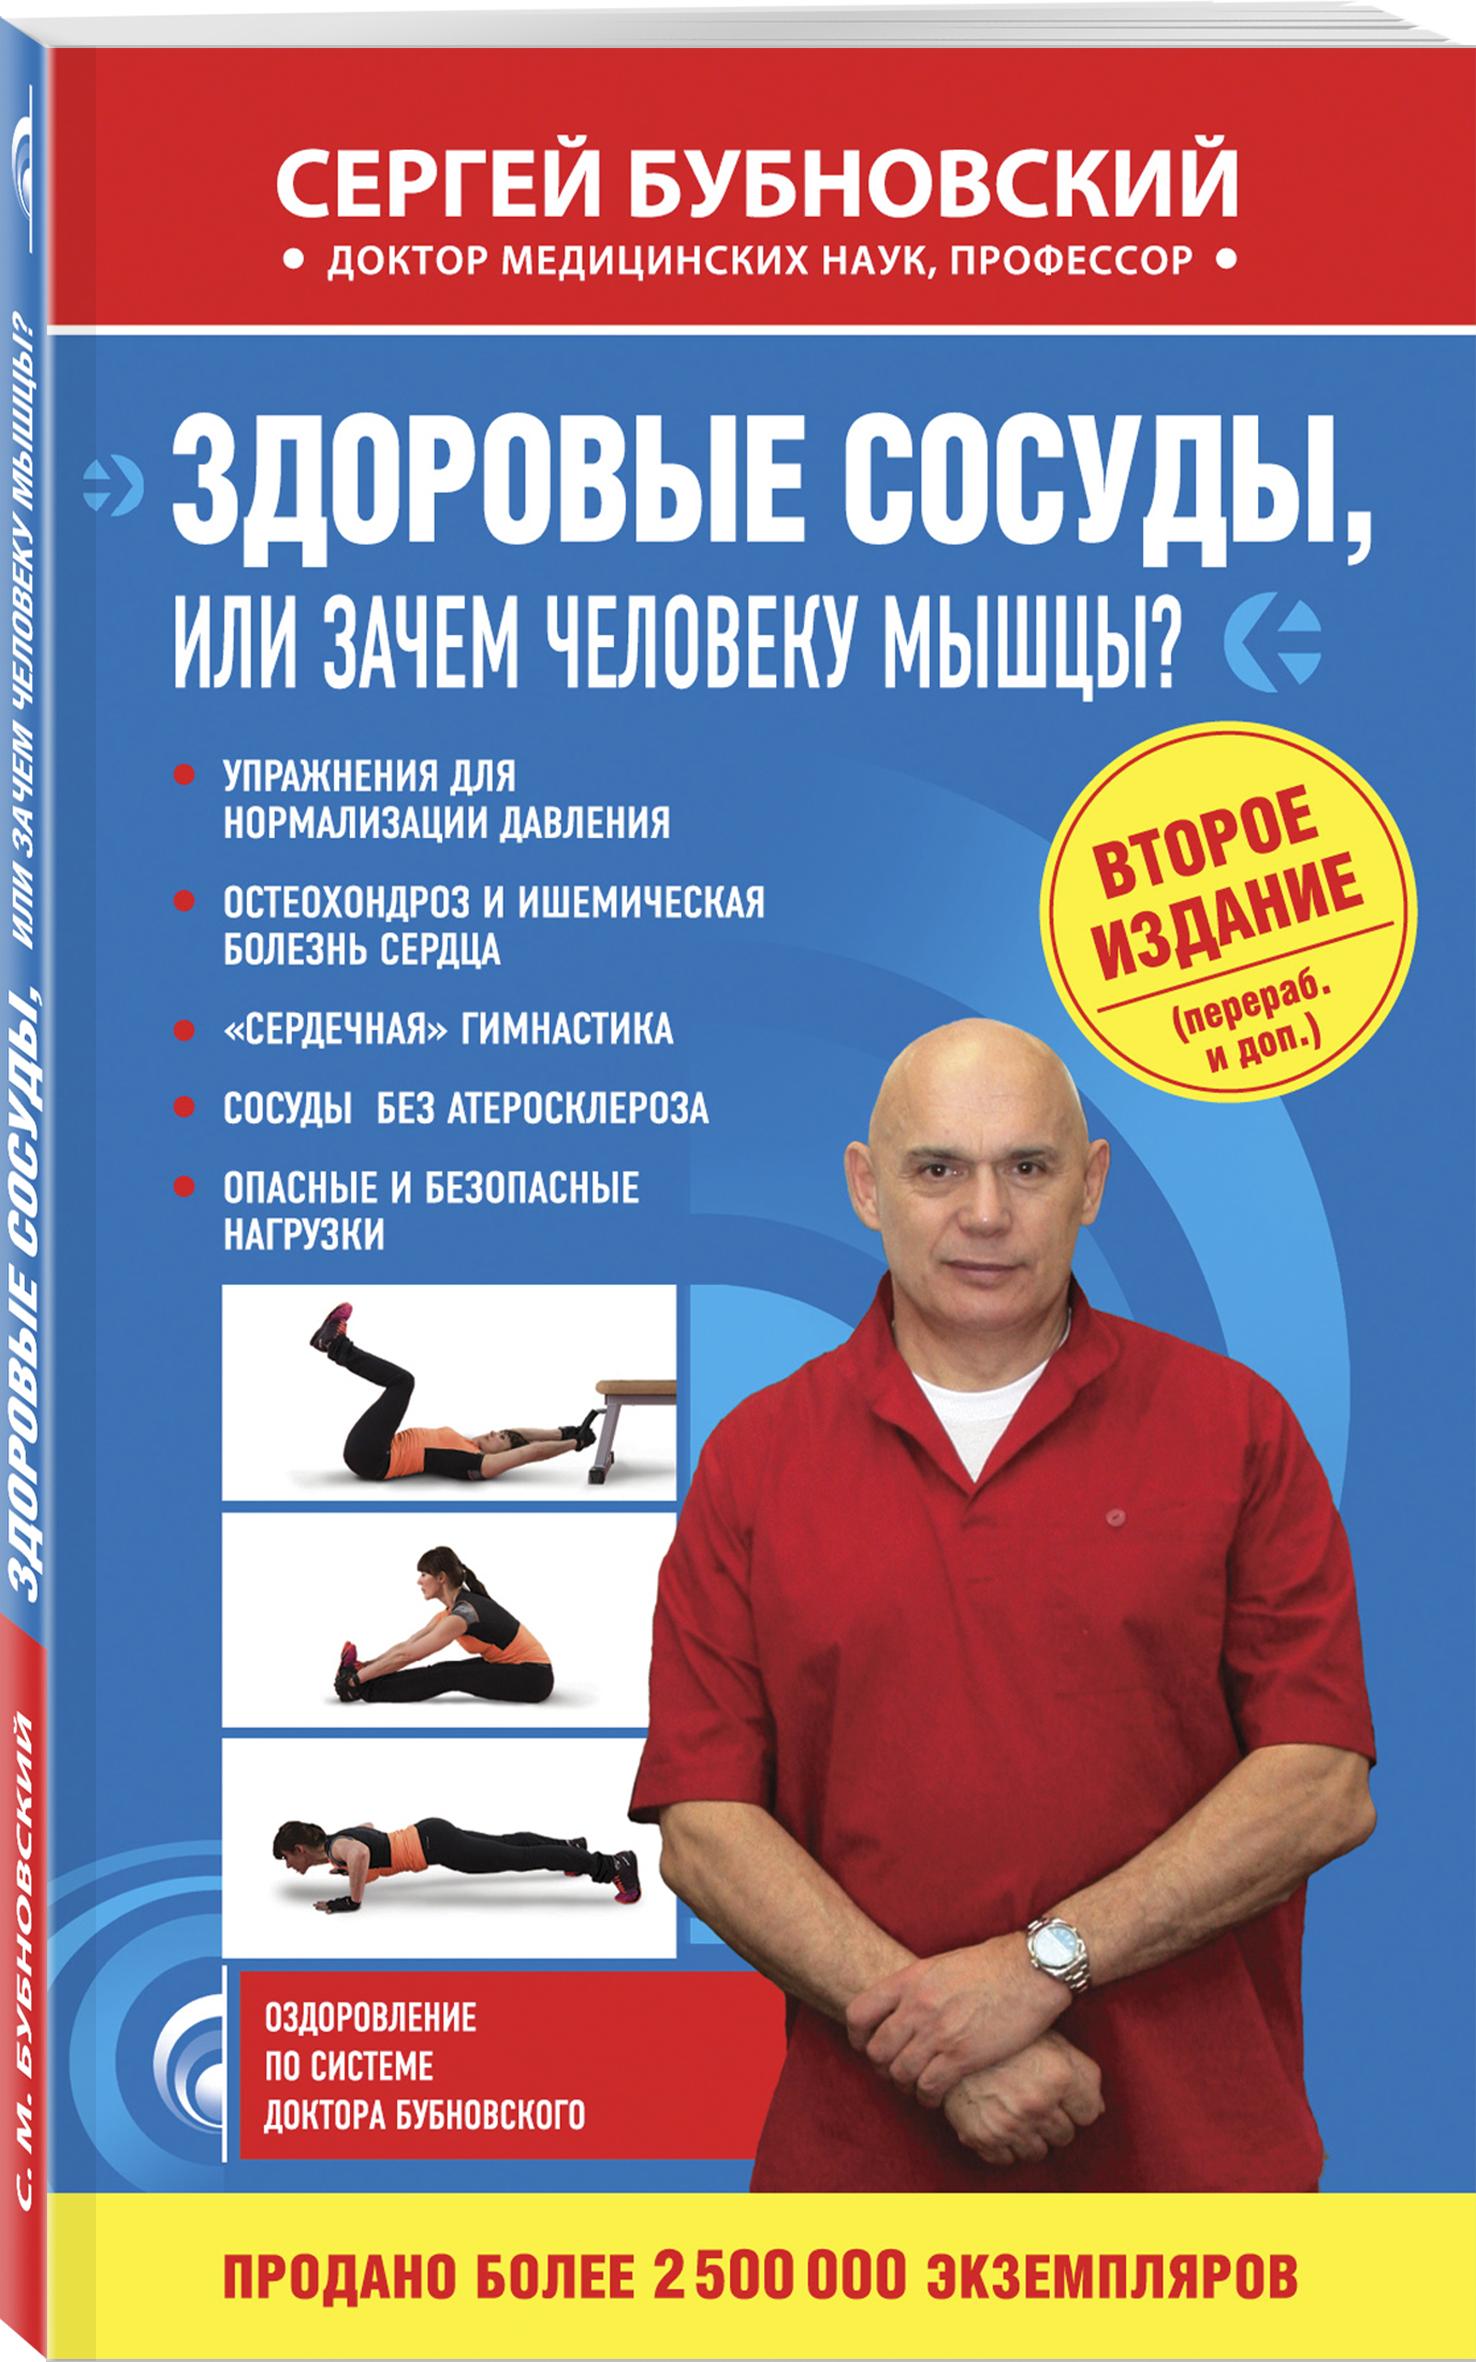 Бубновский С.М. Здоровые сосуды, или Зачем человеку мышцы? 2-е издание кинезитерапия доктор бубновский тренажер